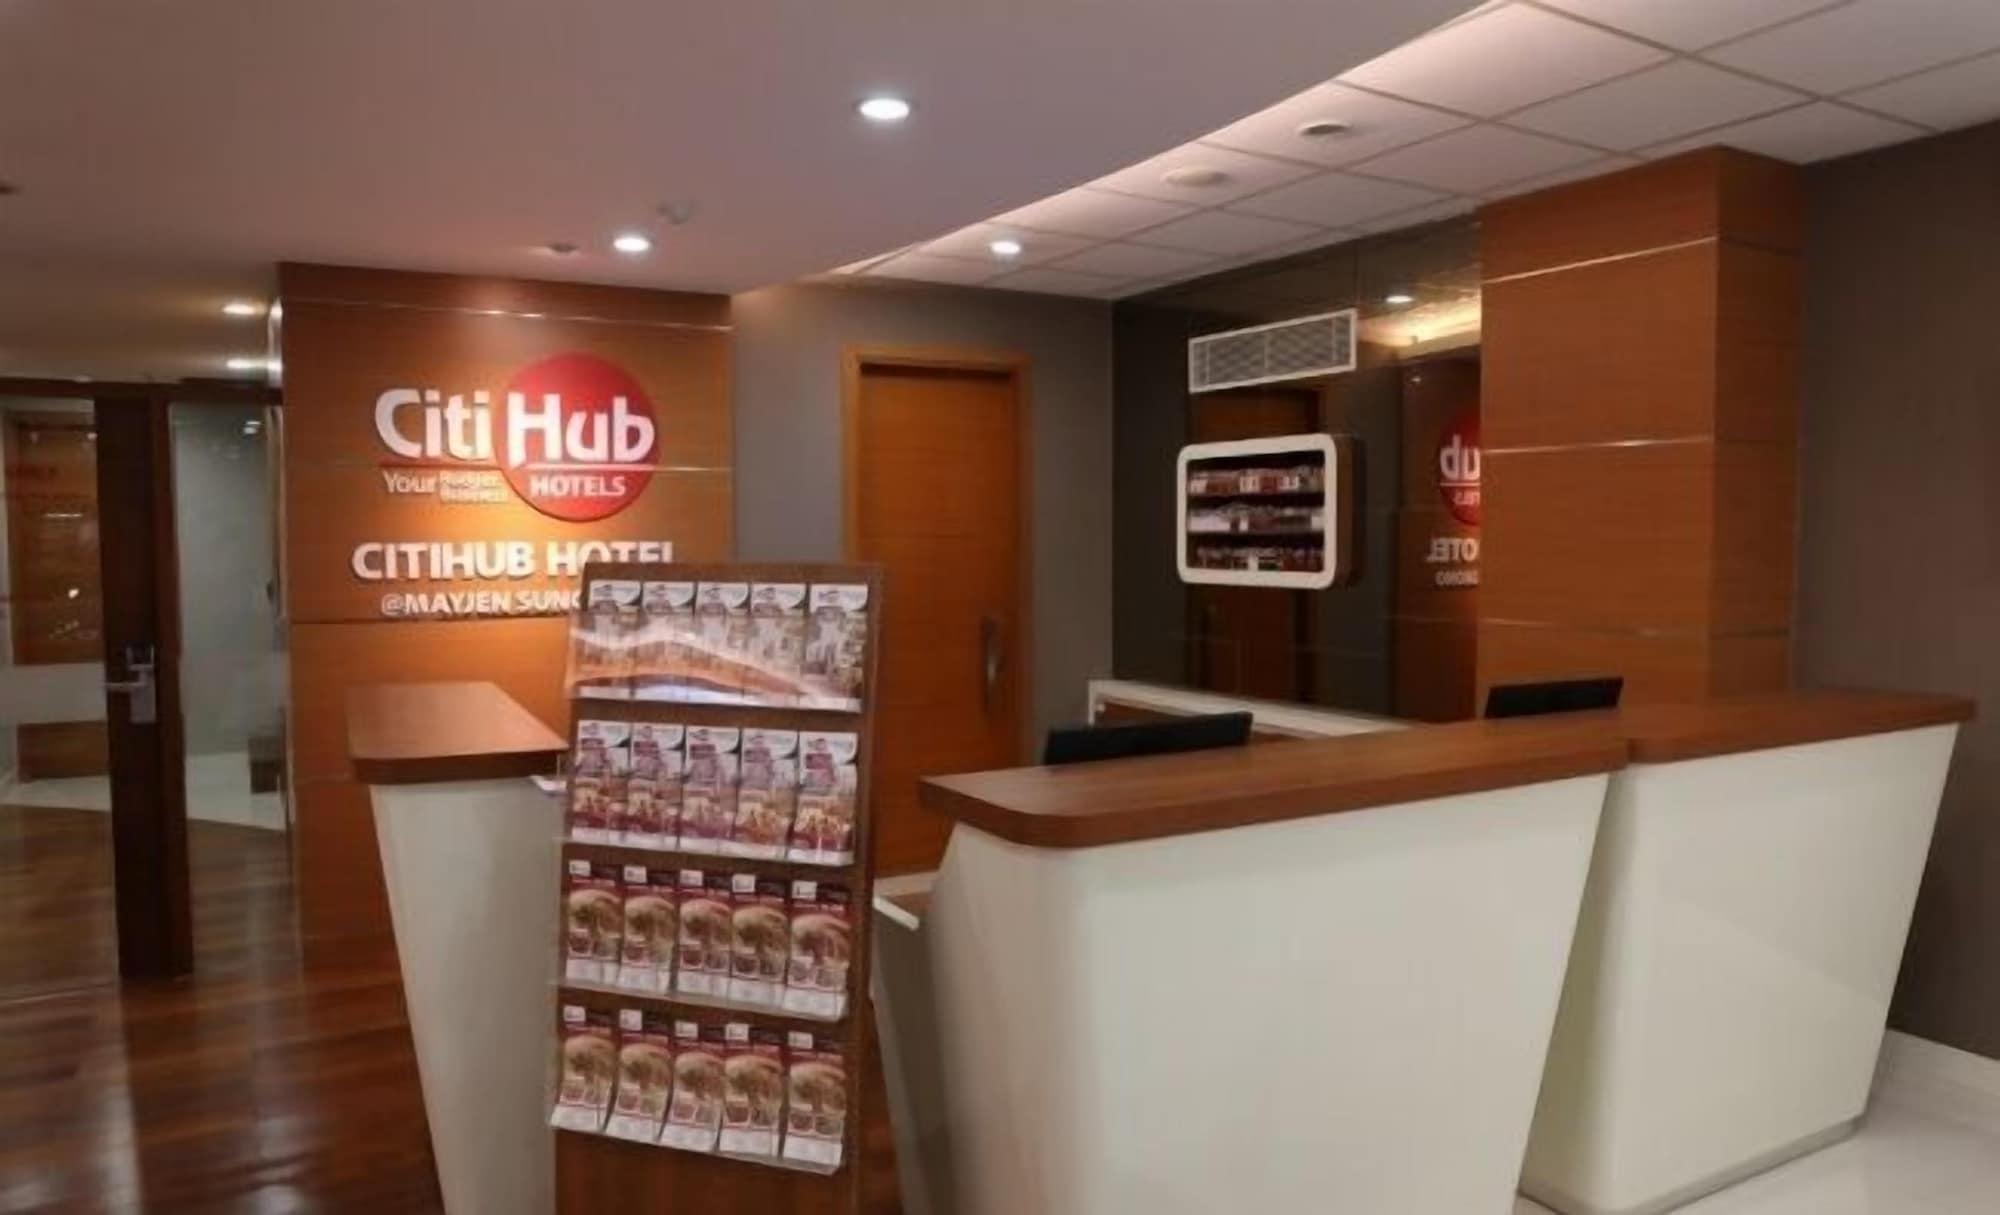 Citihub Hotel @Mayjend Sungkono, Surabaya, Surabaya